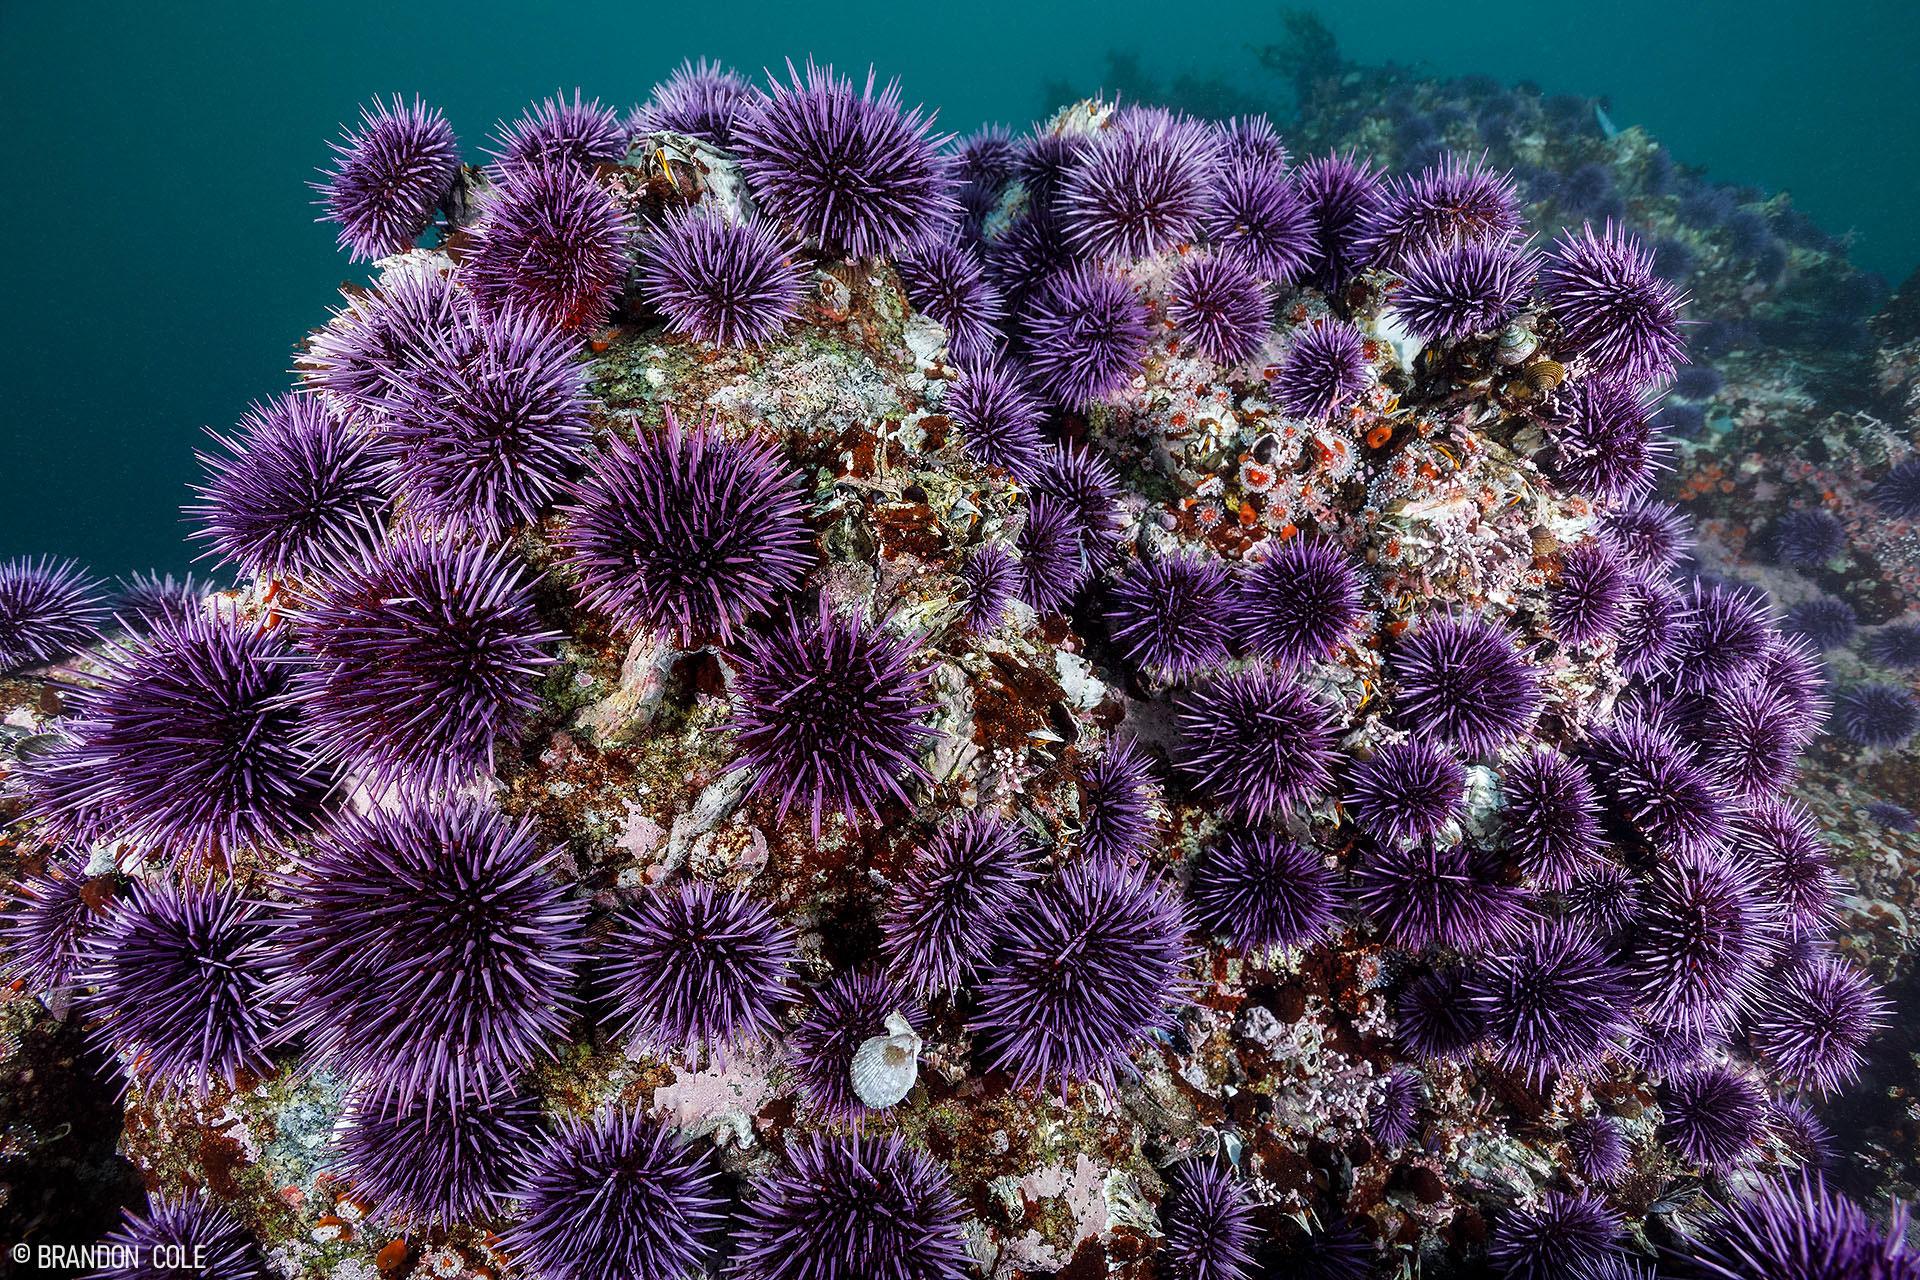 A barren rock taken over by sea urchins